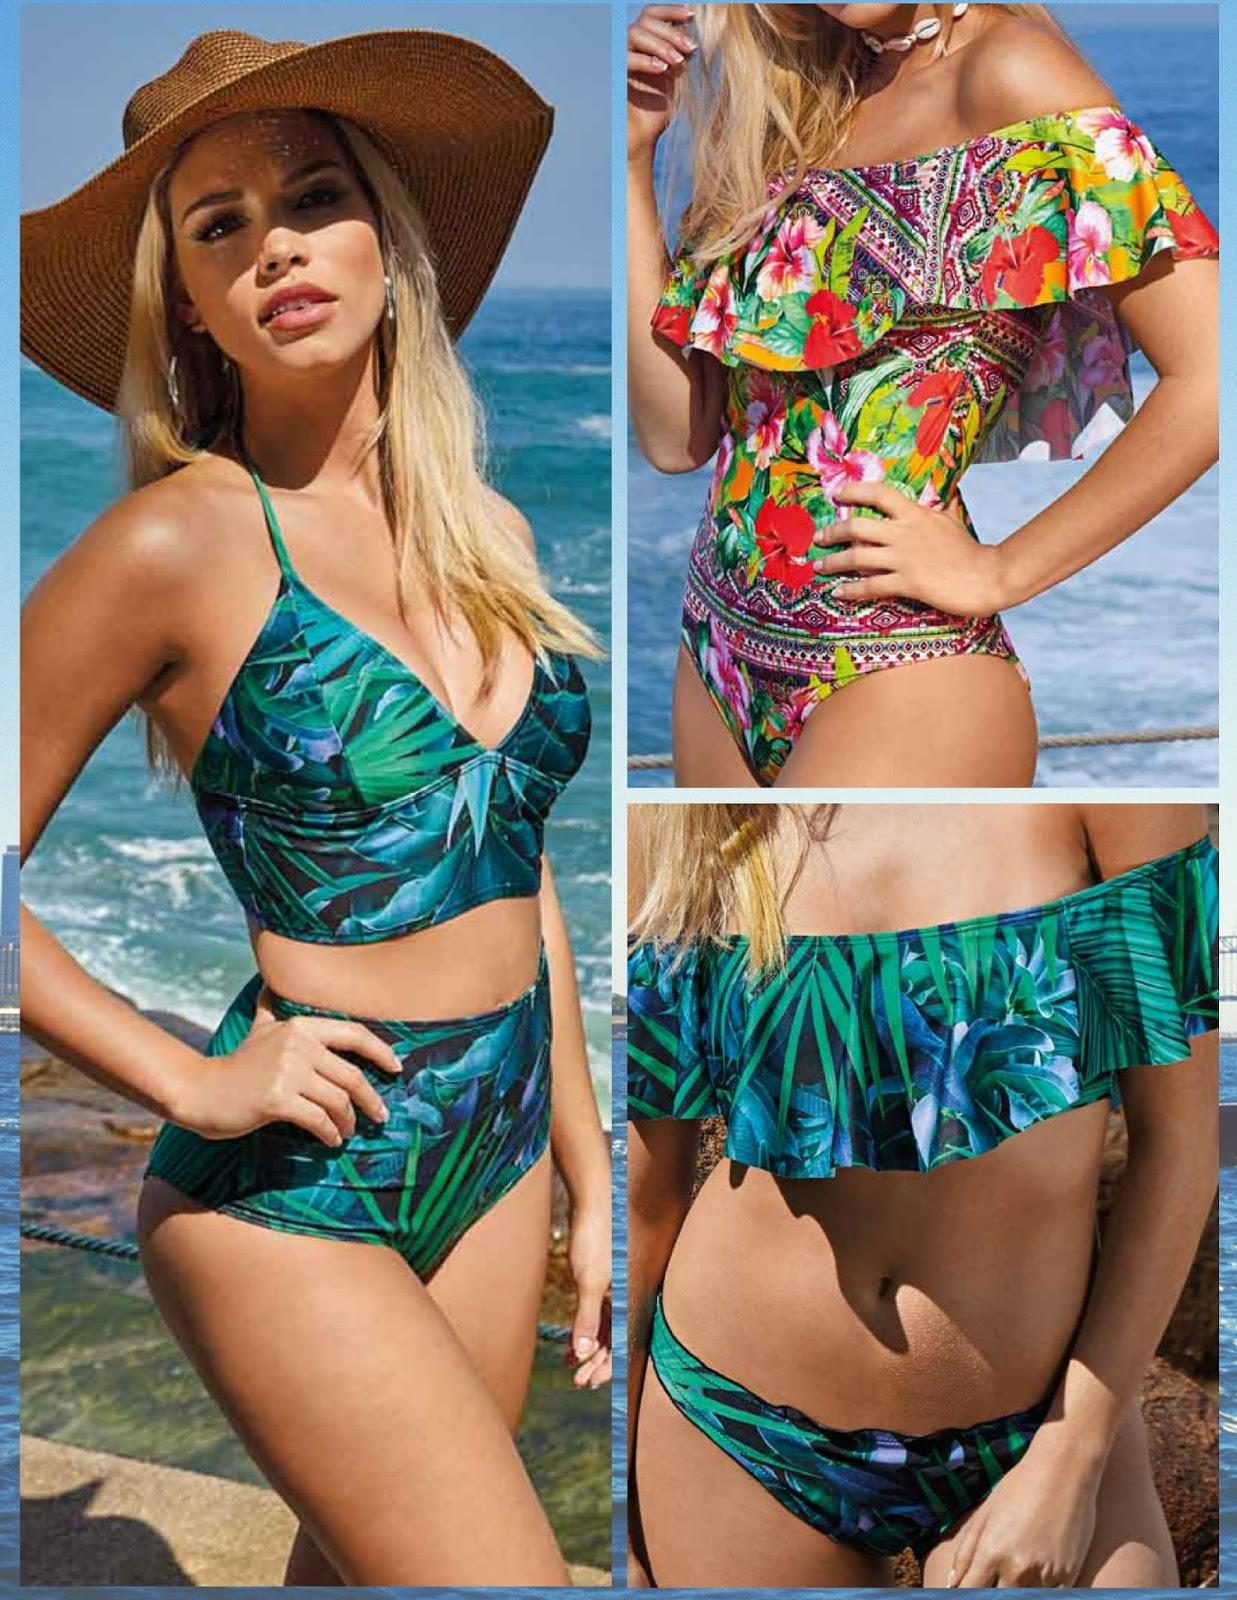 f45b5032a Os Babados e estampas marcam presença na coleção de moda praia verão 2018  da DeMillus.